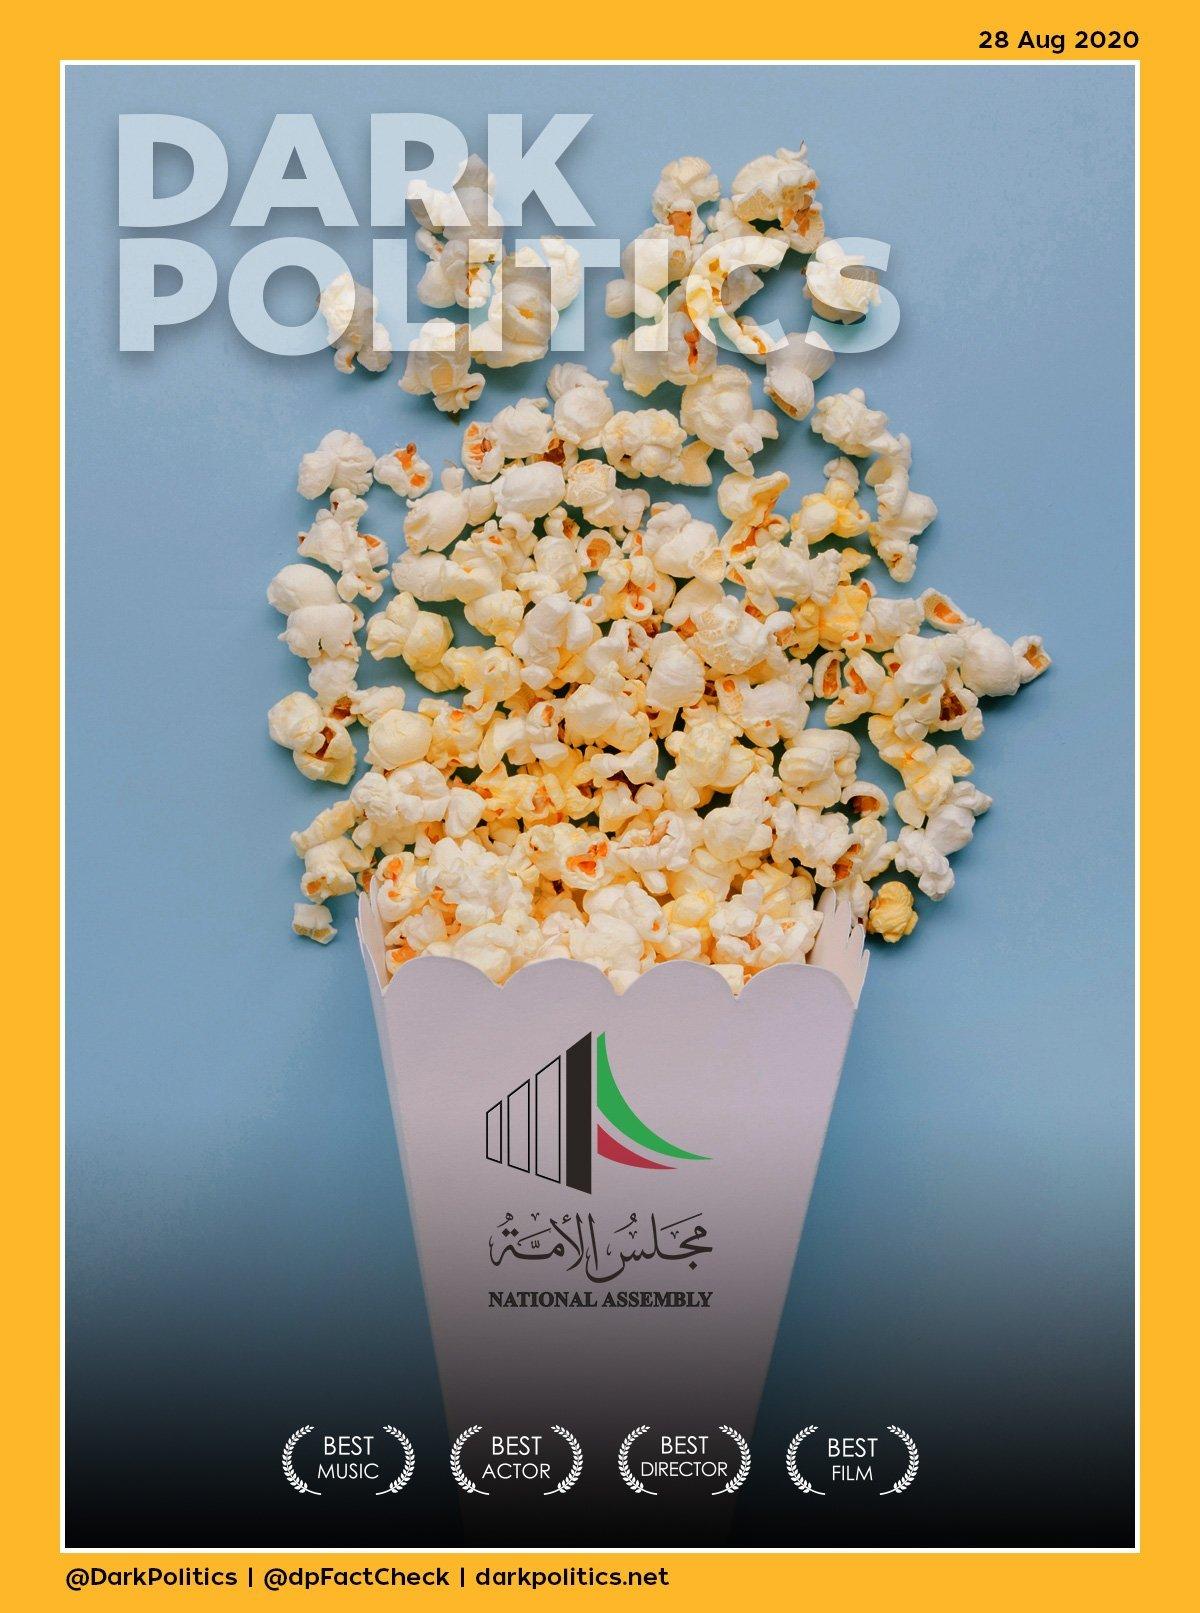 غلاف أغسطس 2020 - مجلس الأمة